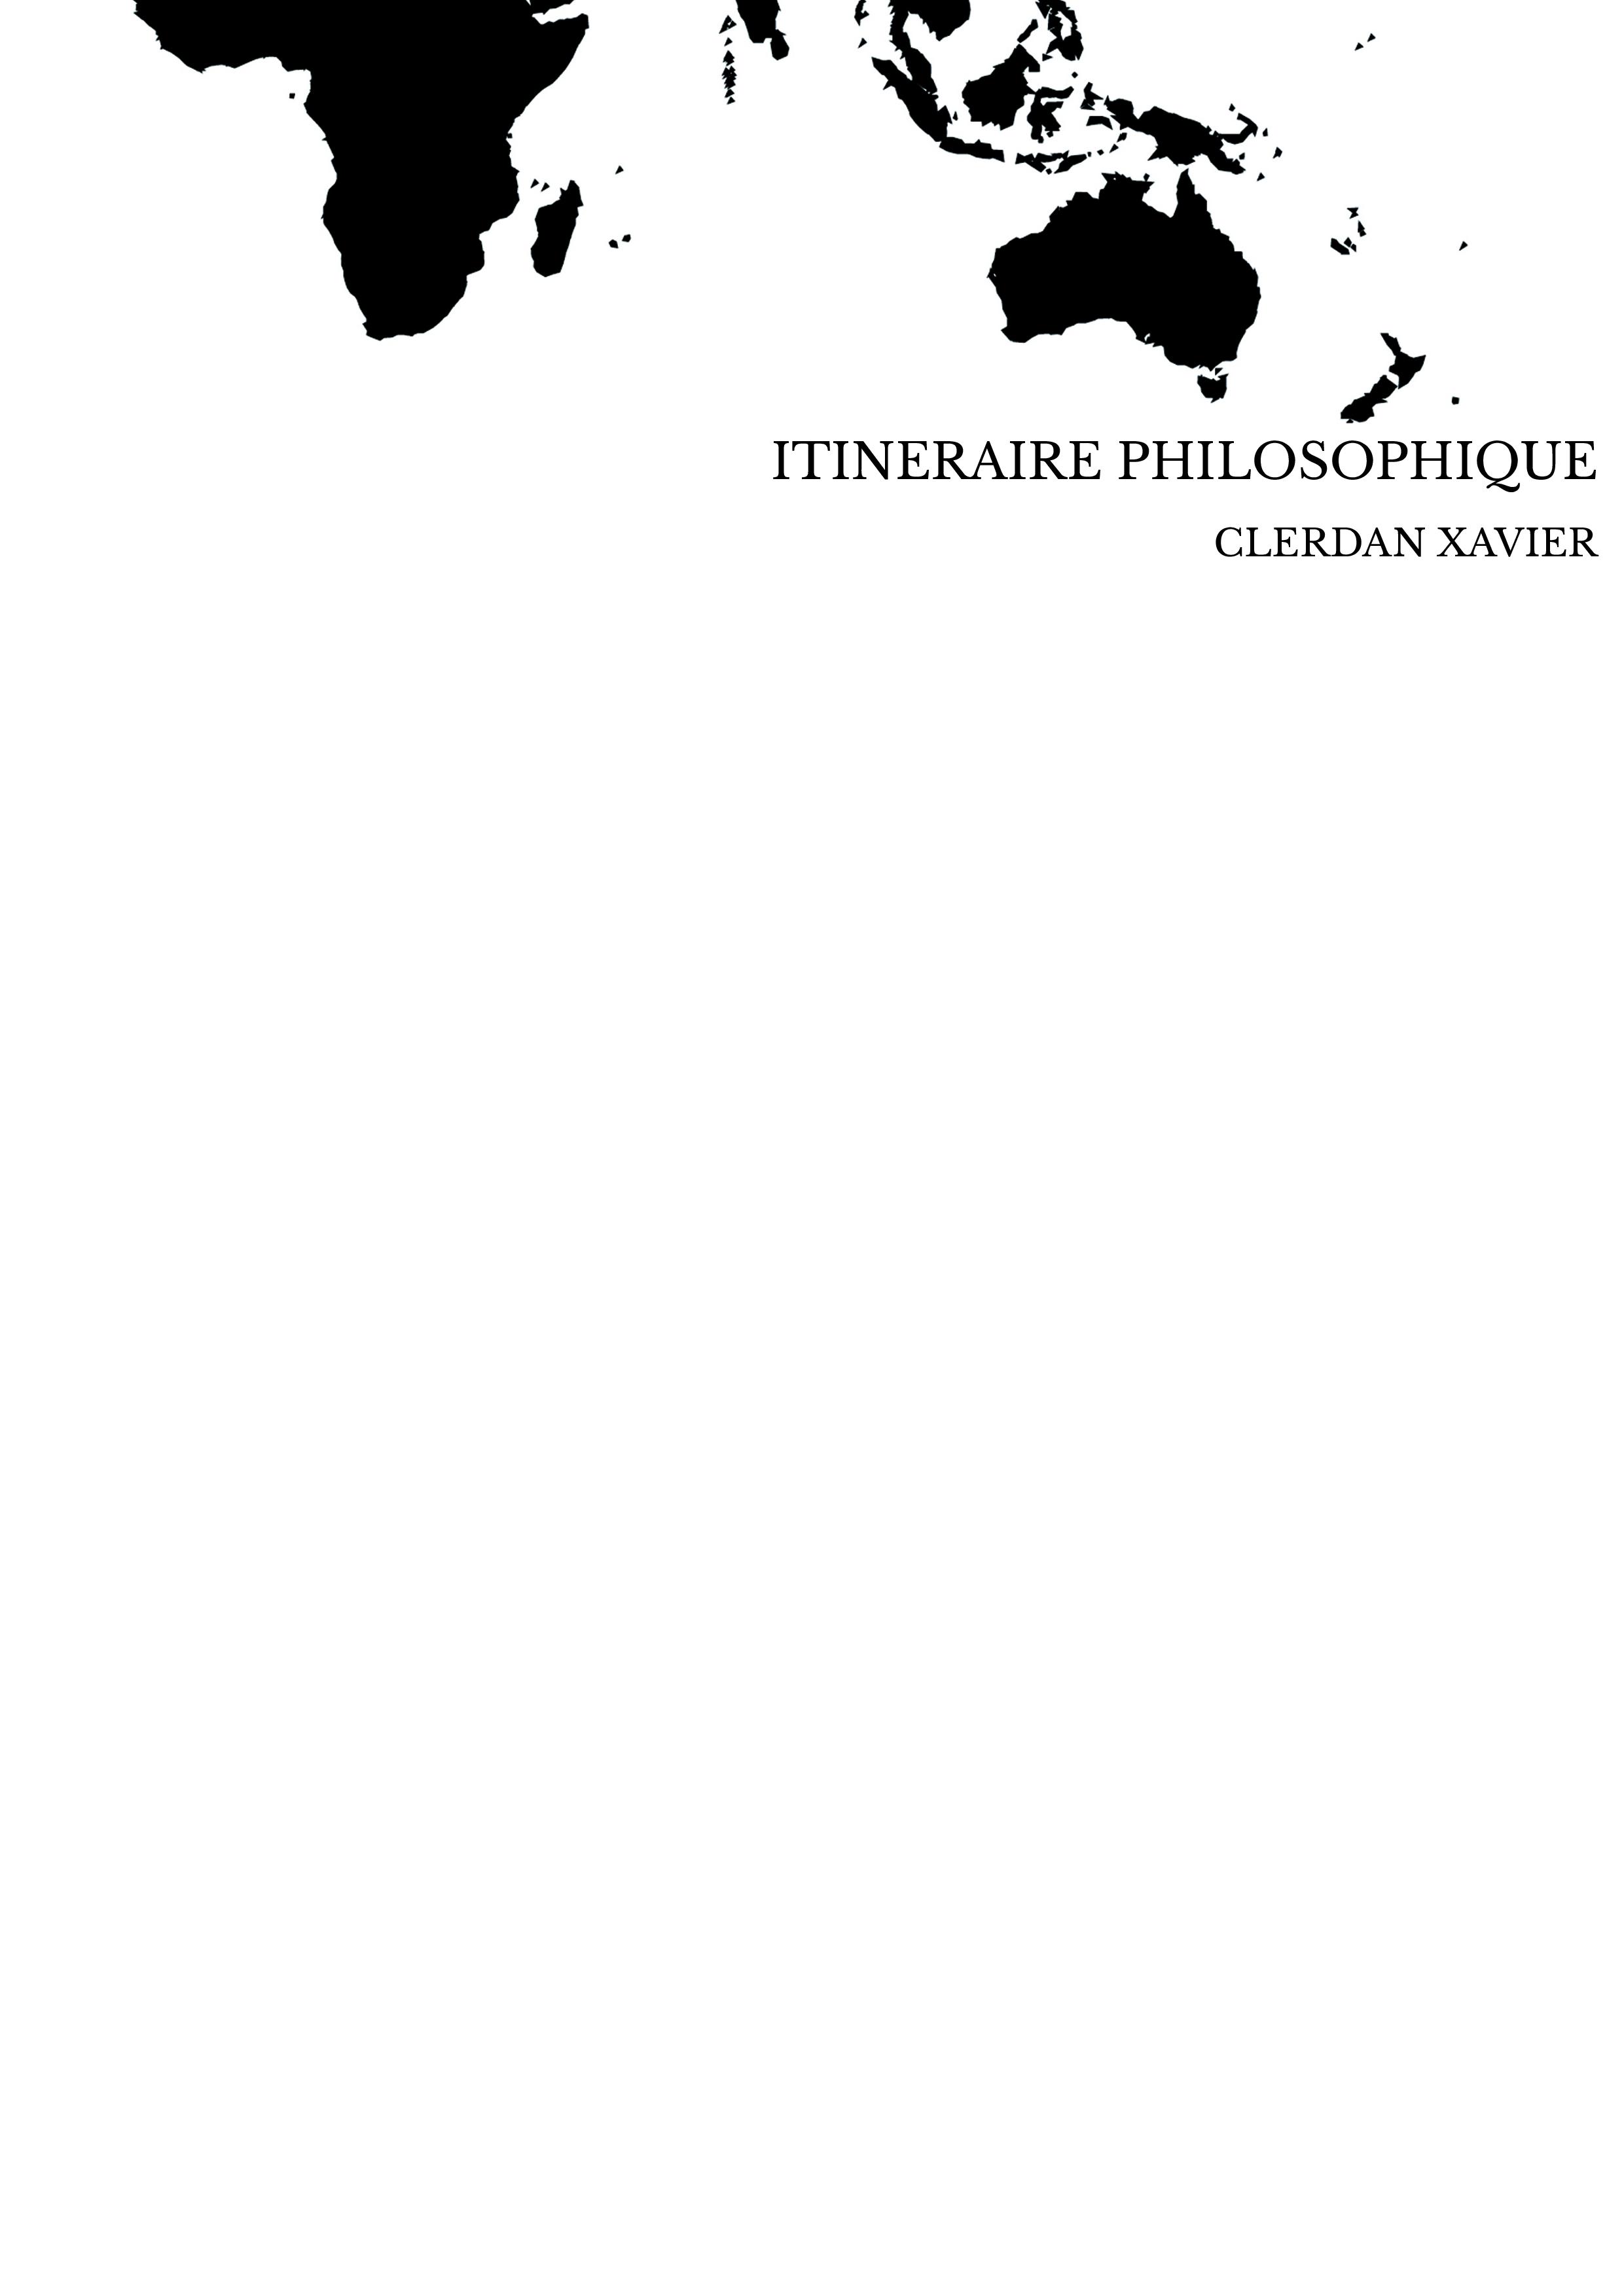 ITINERAIRE PHILOSOPHIQUE